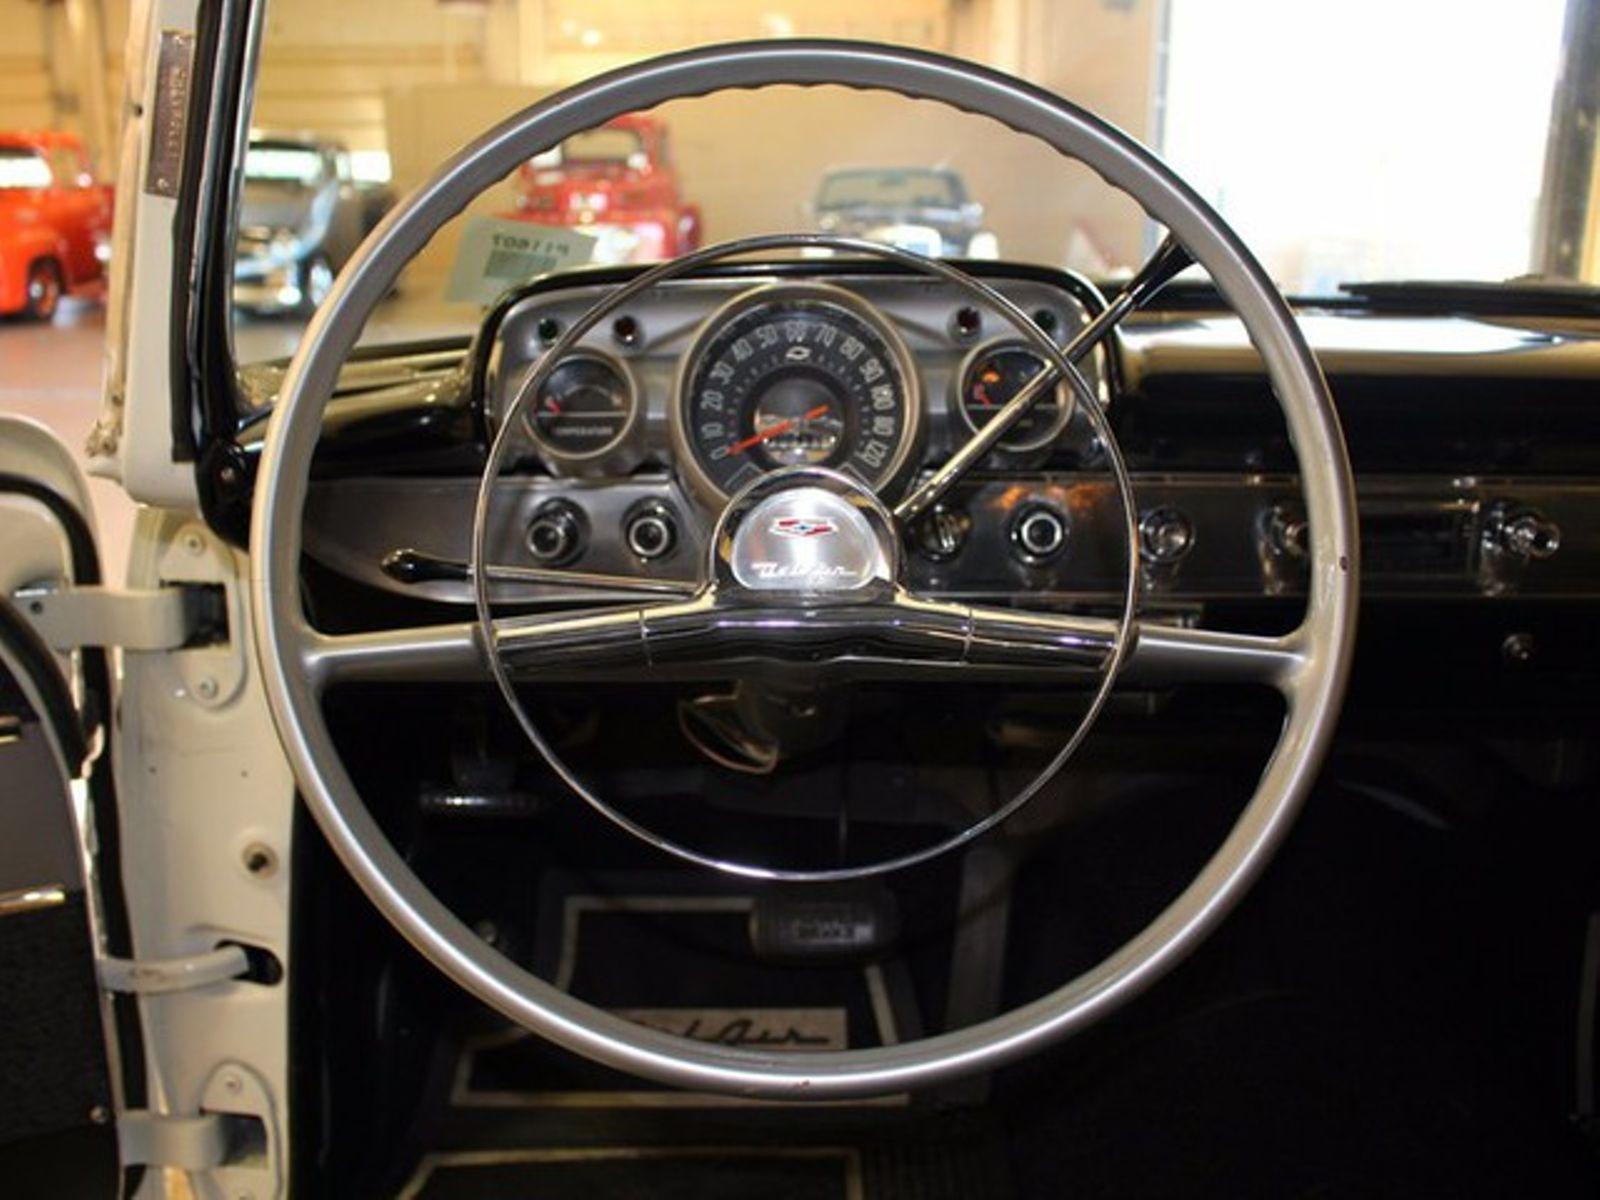 1957 Chevrolet Bel Air Steering Column Wiring Harness Chevy In Las Vegas